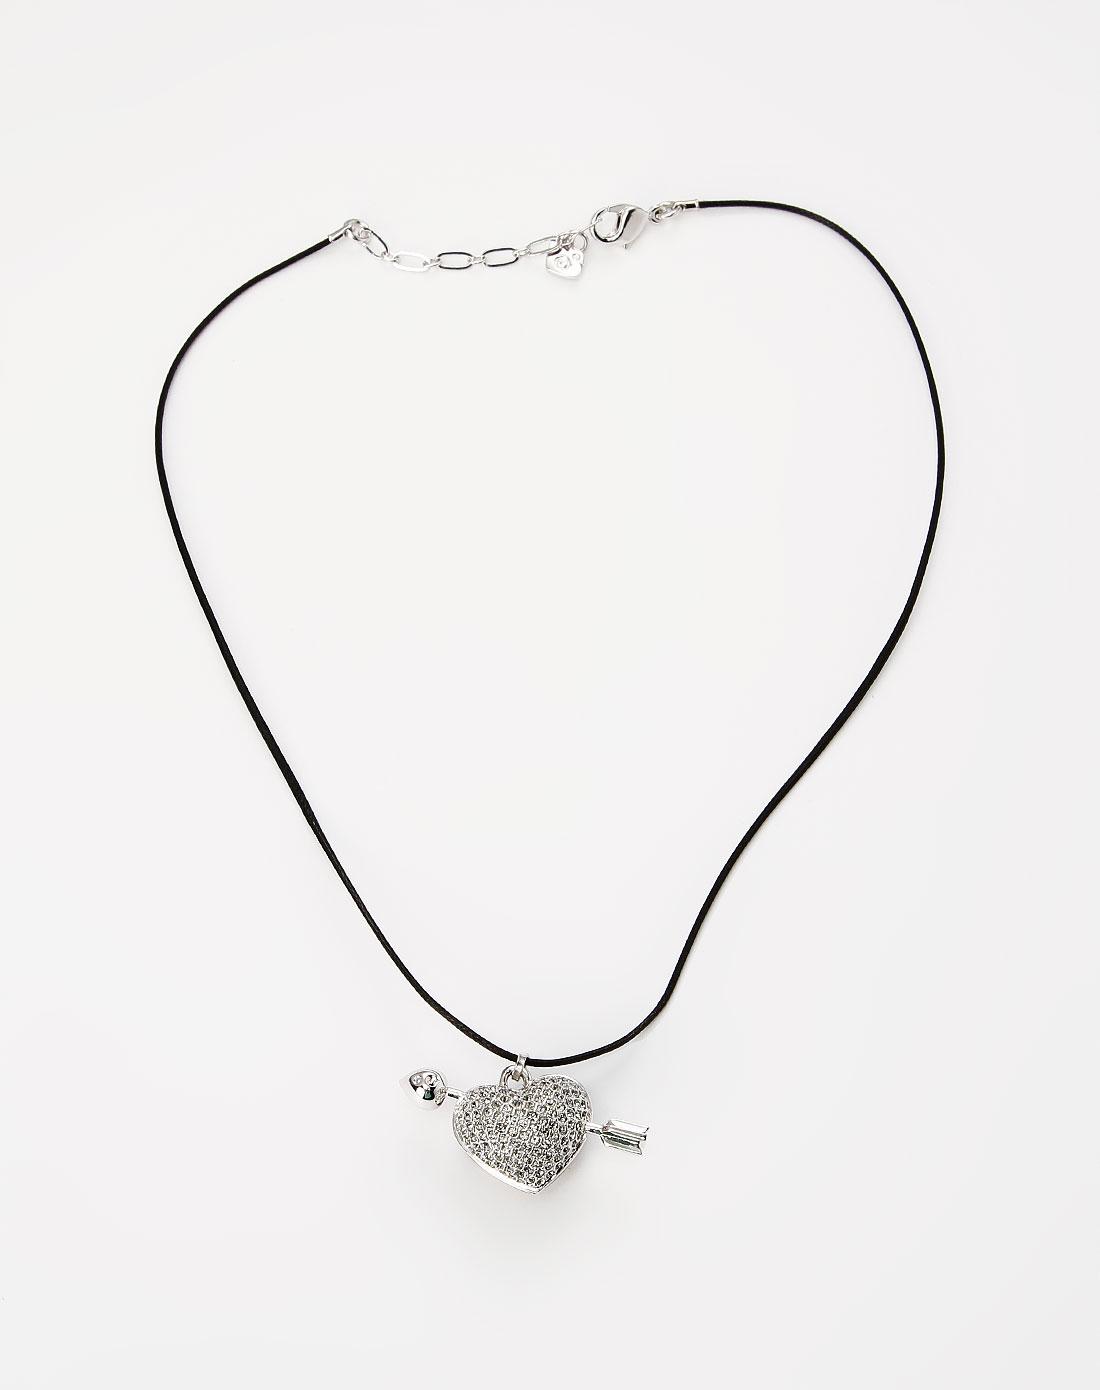 银色心形吊坠项链